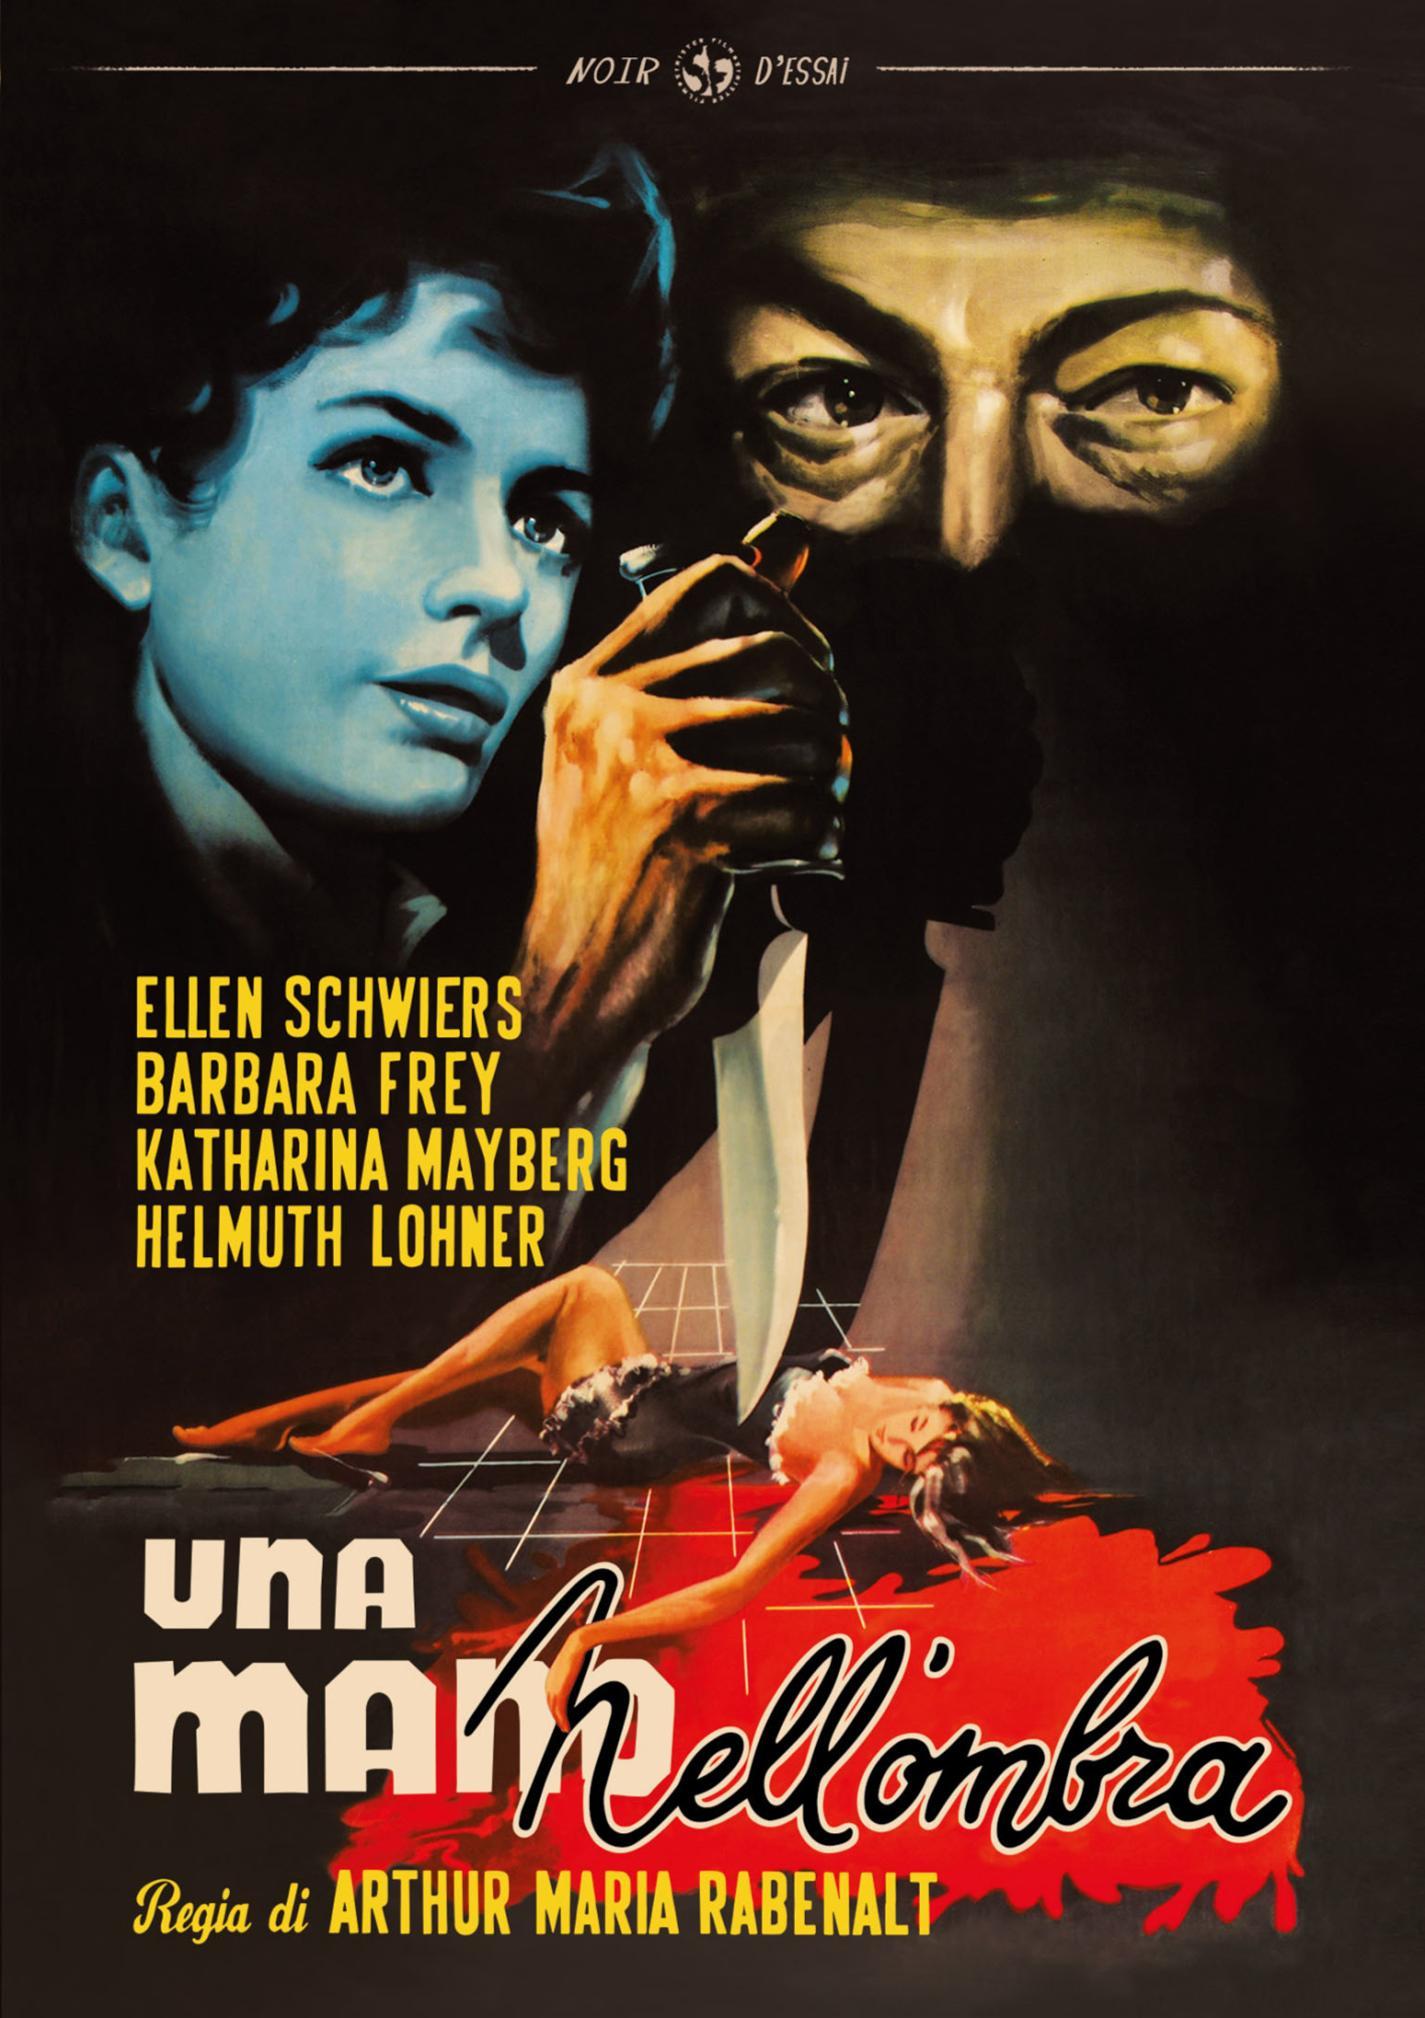 UNA MANO NELL'OMBRA (DVD)